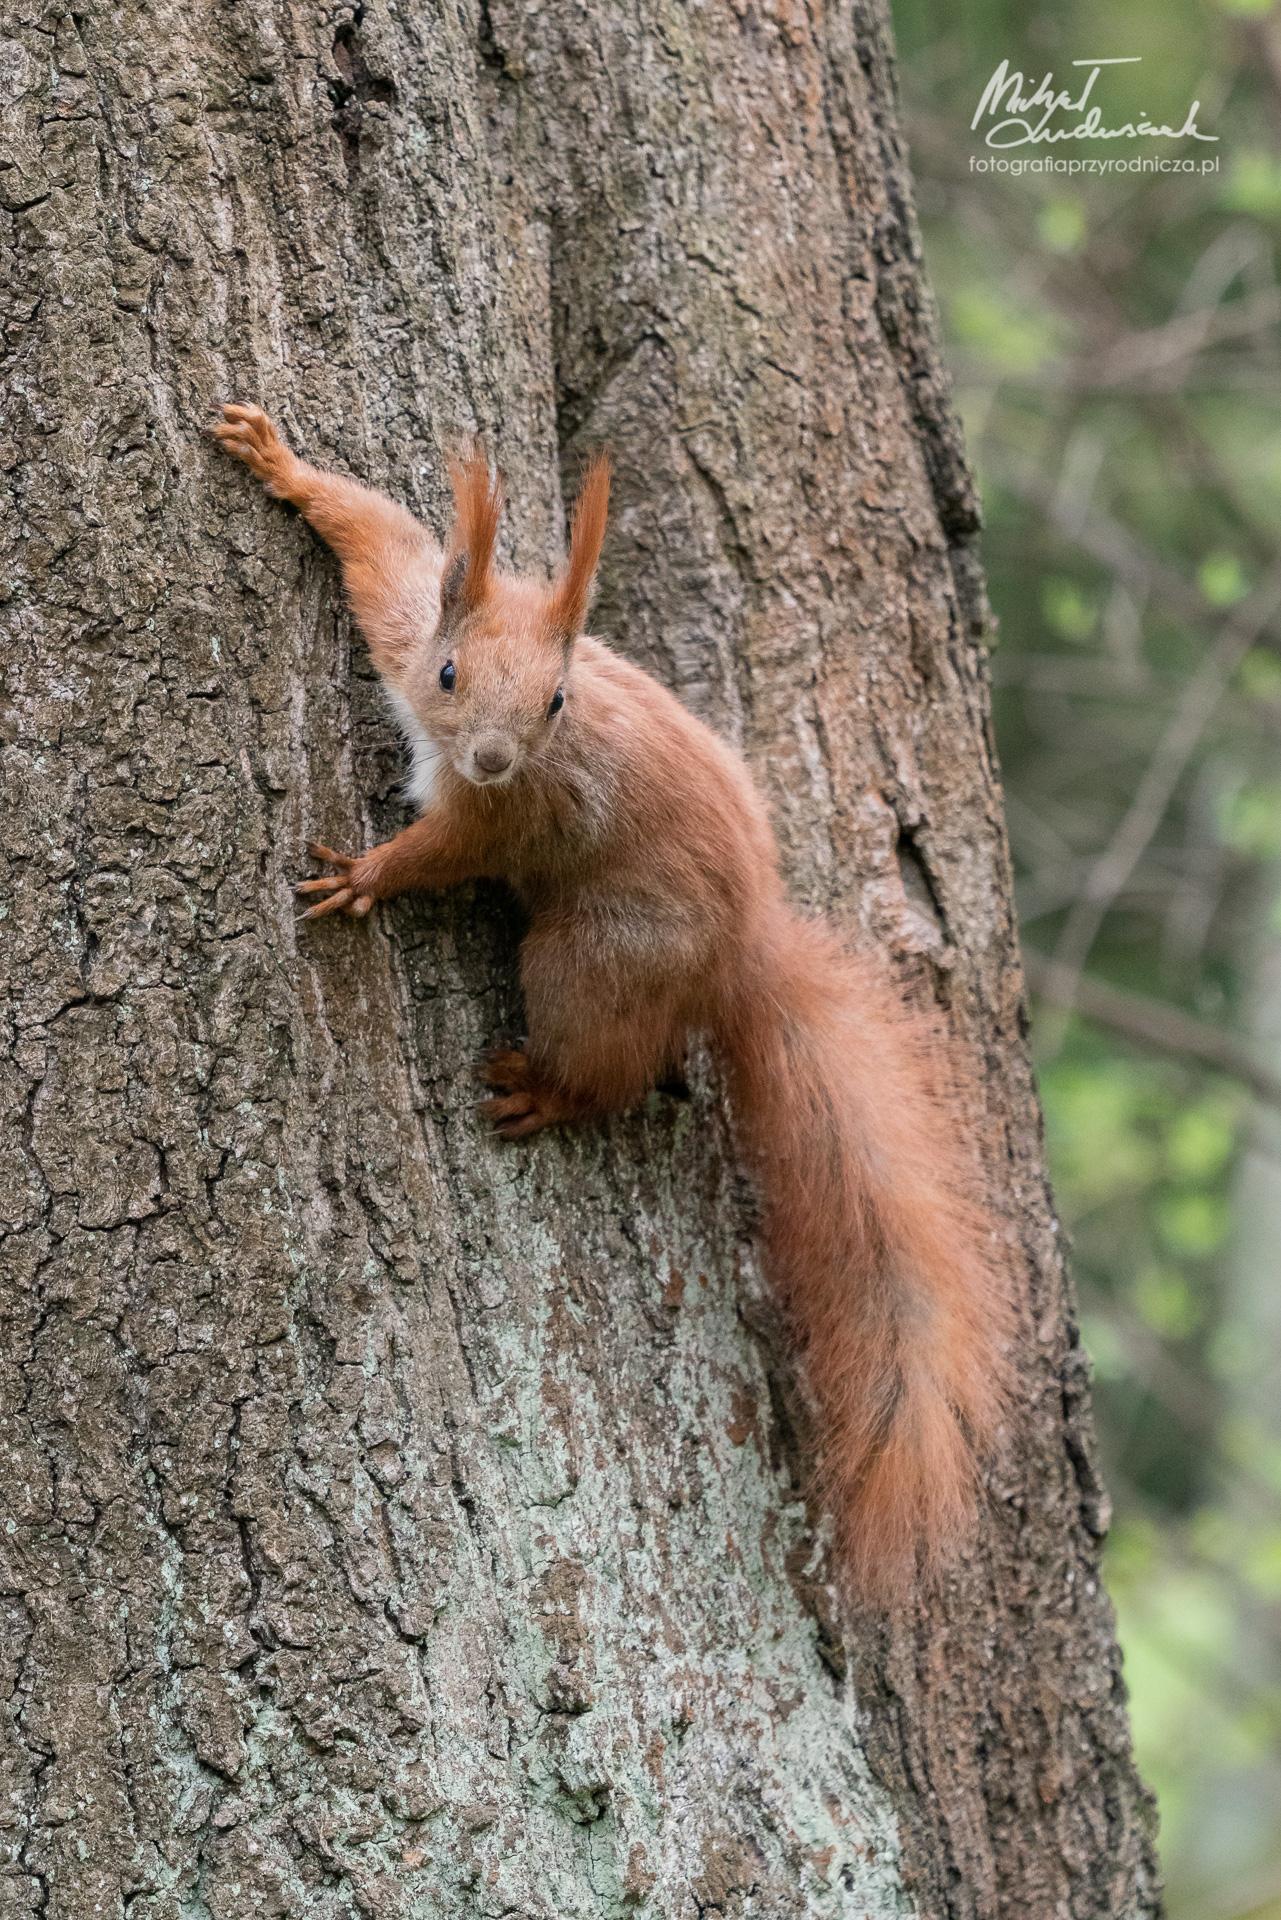 Wiewórka na drzewie